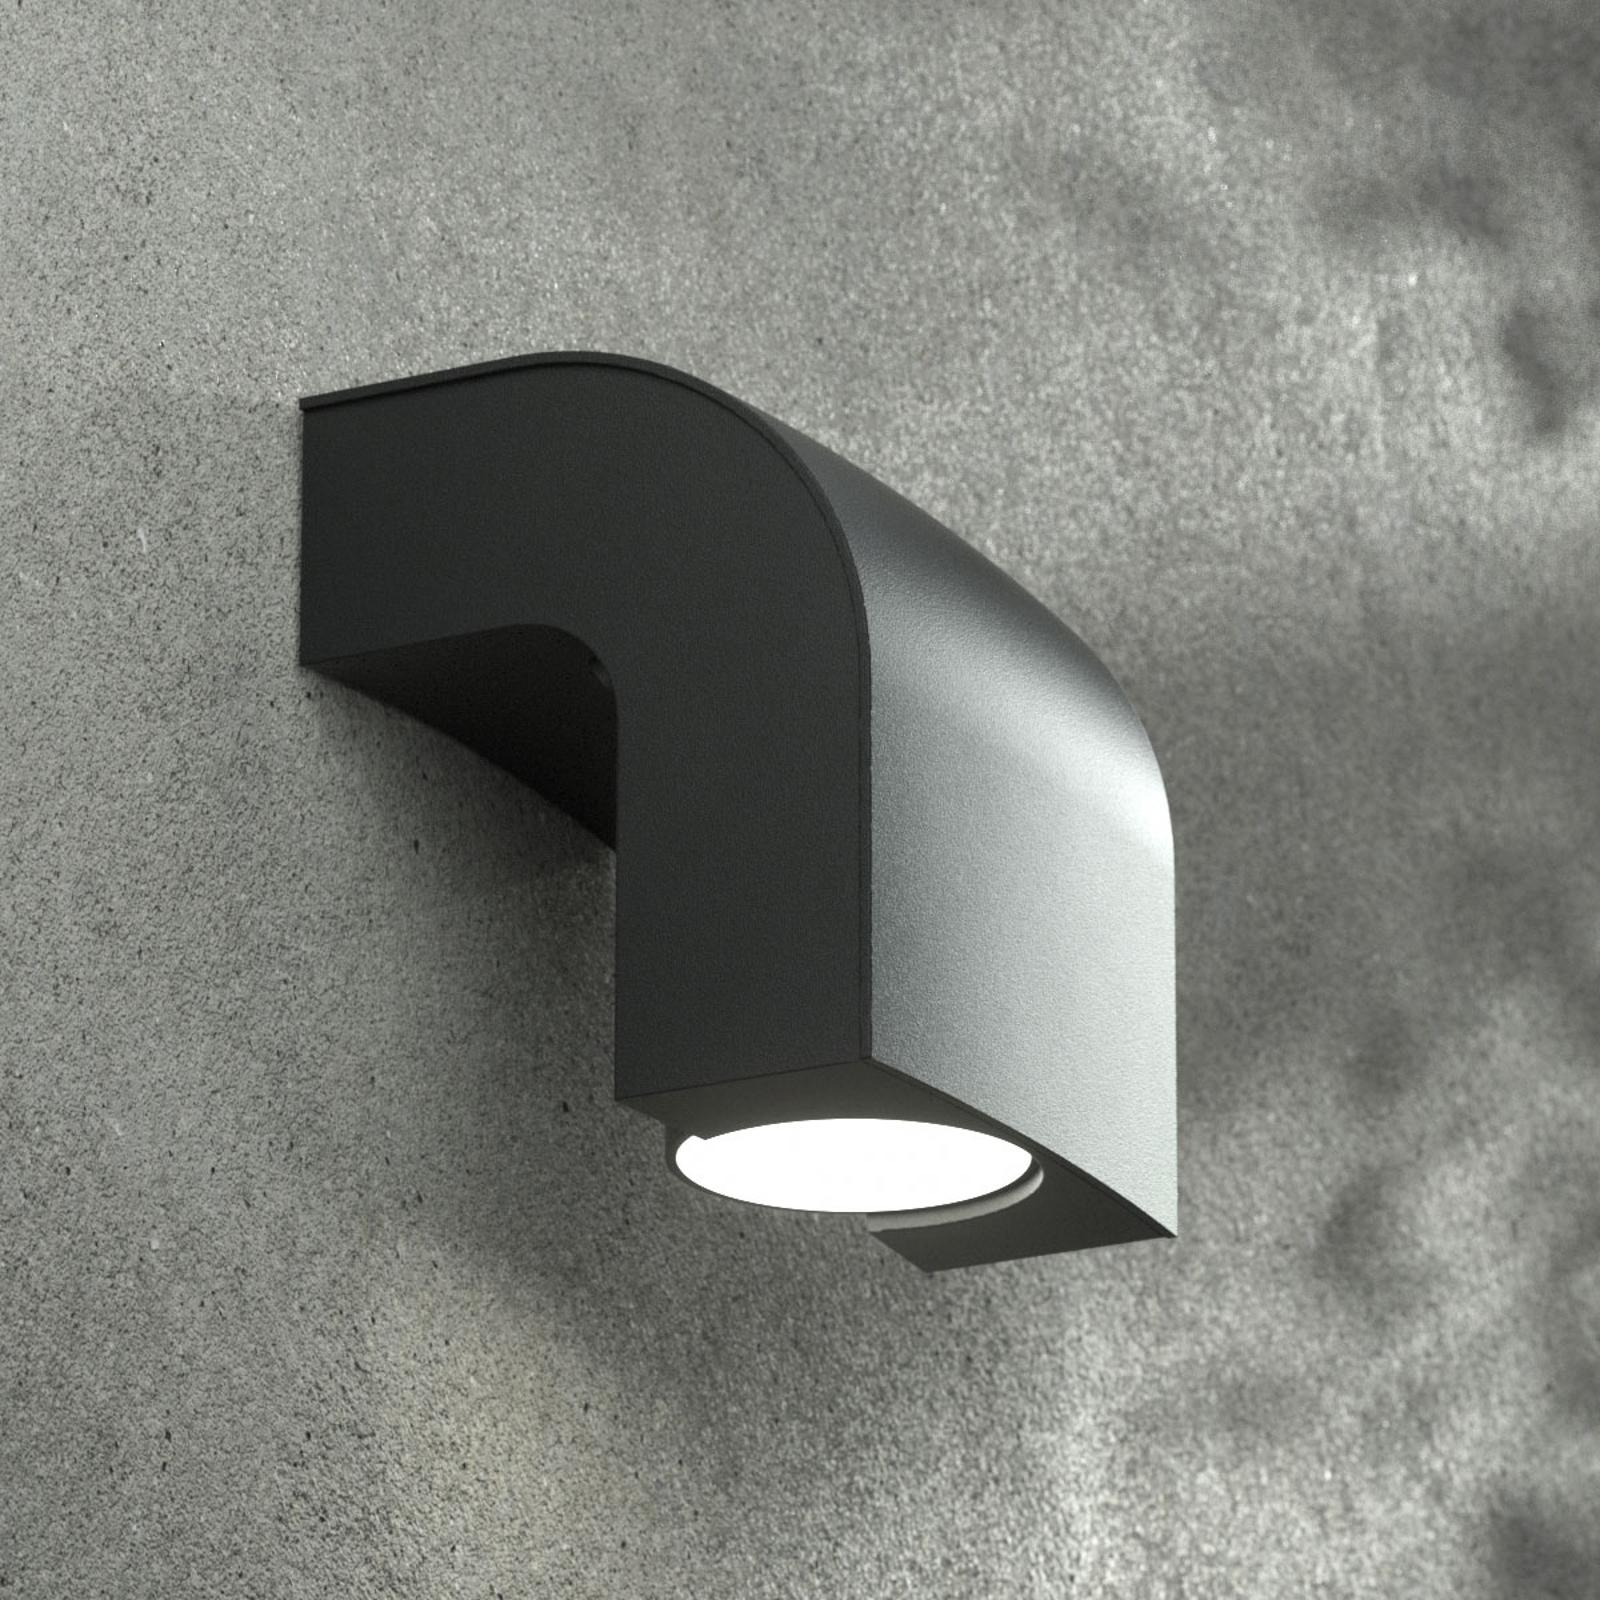 Utomhusvägglampa KLAMP, höjd 13 cm, 1 lampa